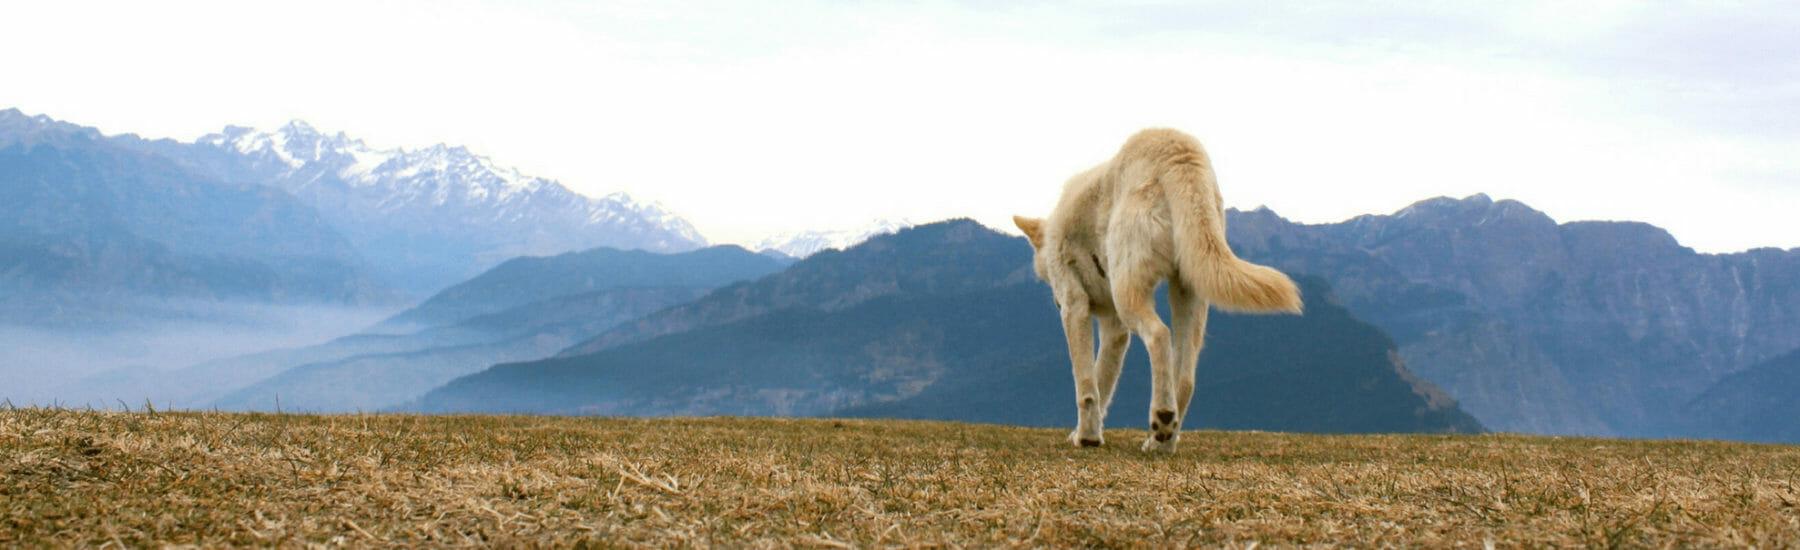 Gold dog walking towards mountains